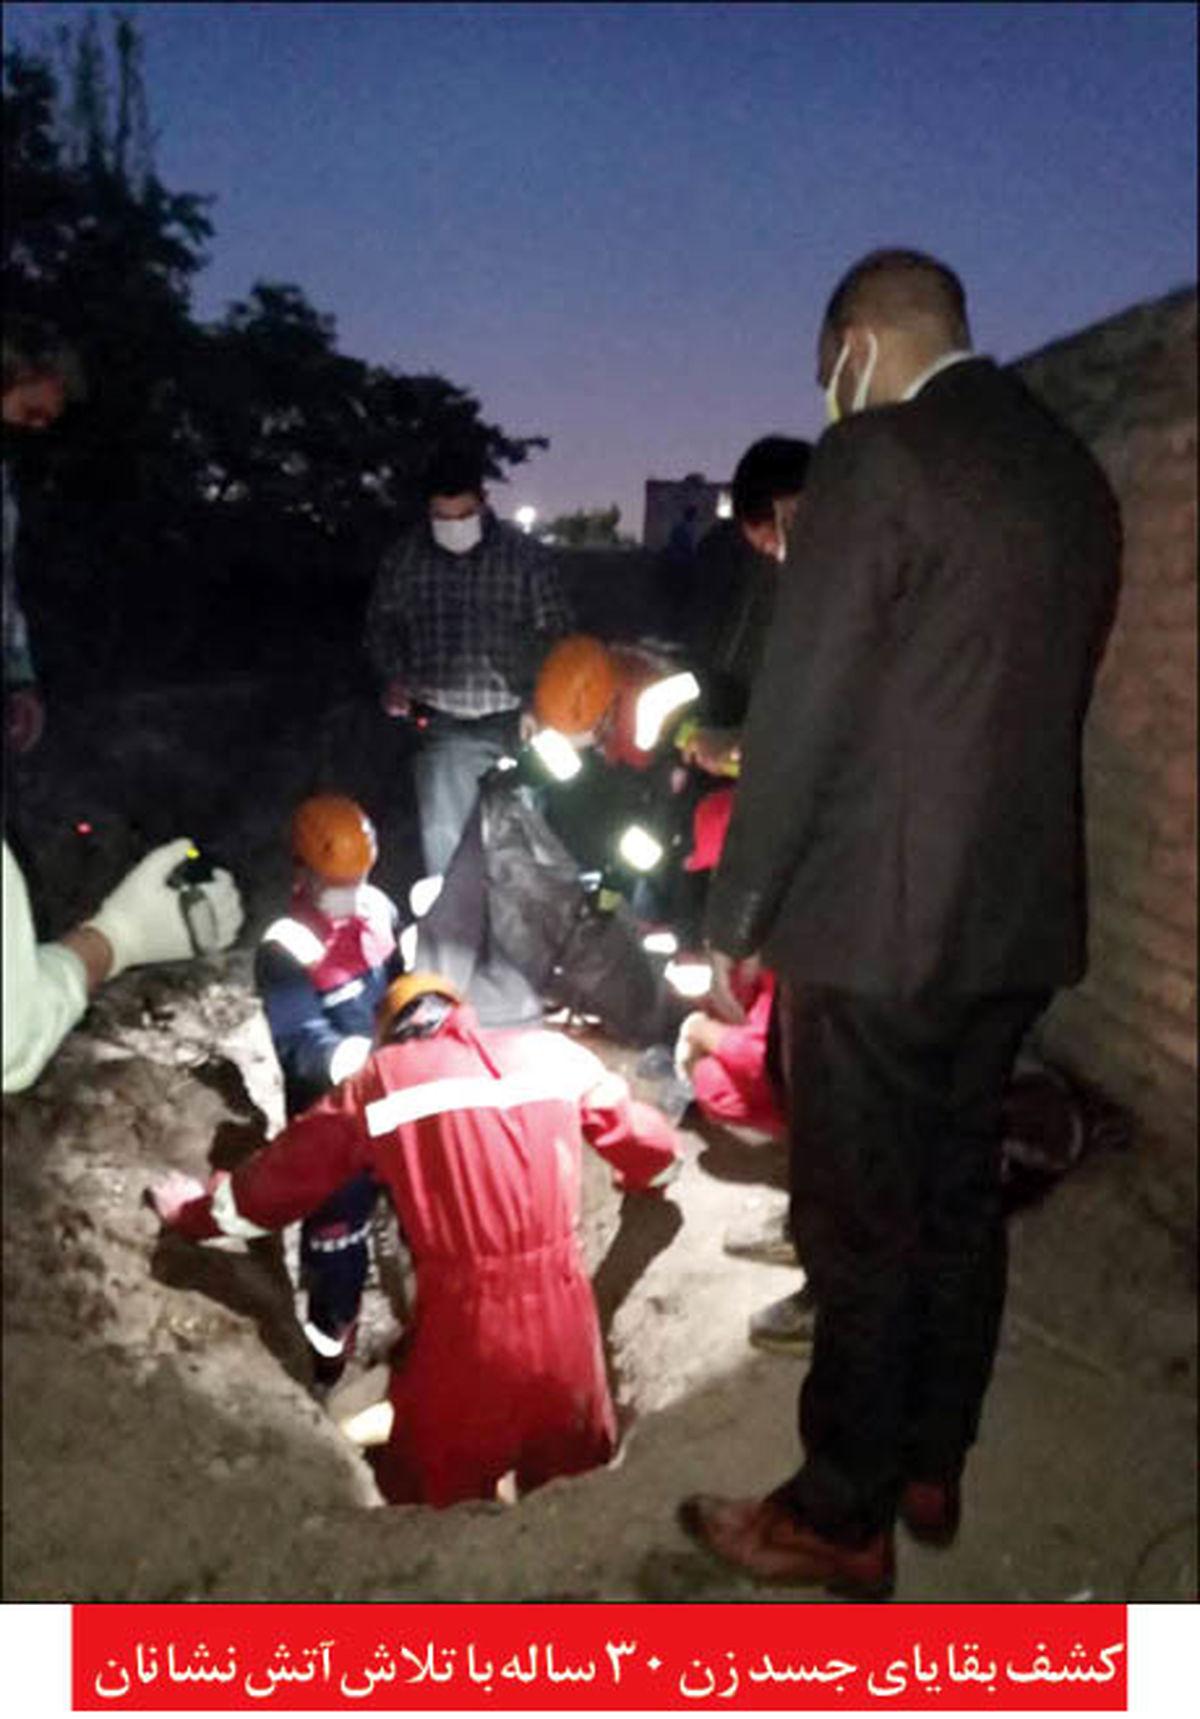 قتل همسر با تیر  راز هولناک بقایای جسد زن صیغه ای در زیر خاک